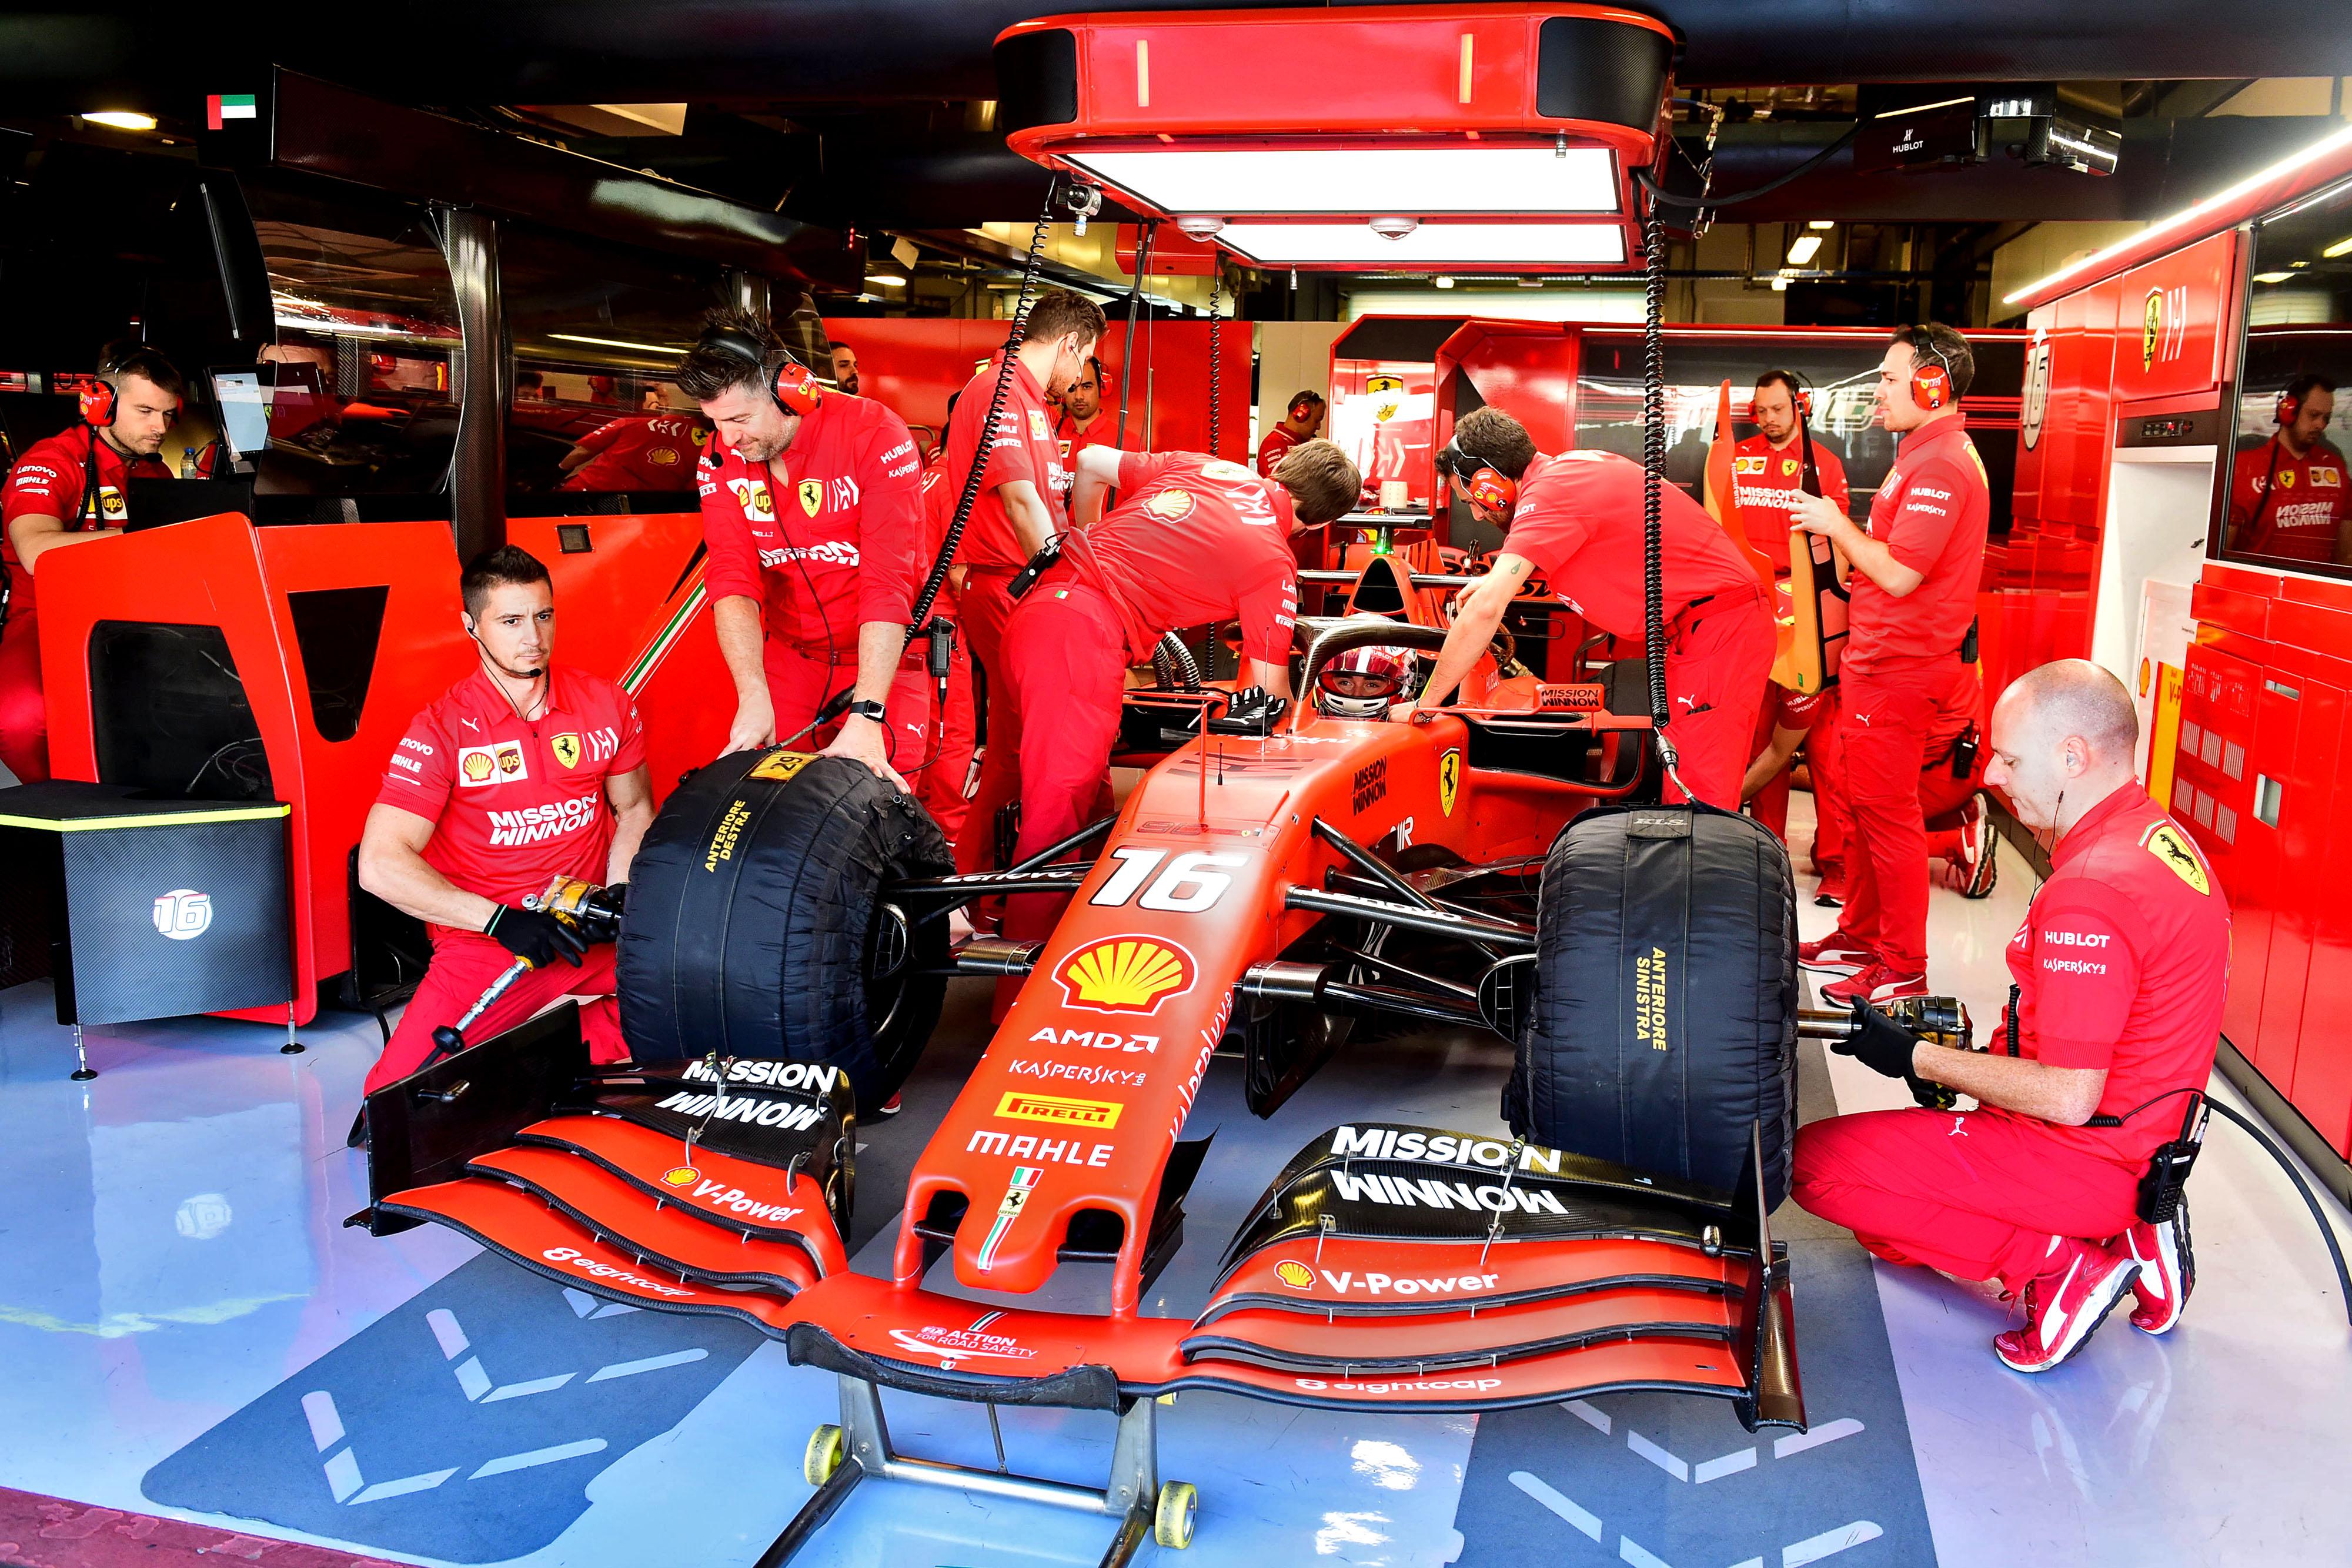 F1 Formula 1 Ferrari Pirelli testing Charles Leclerc tyre test 18 inch